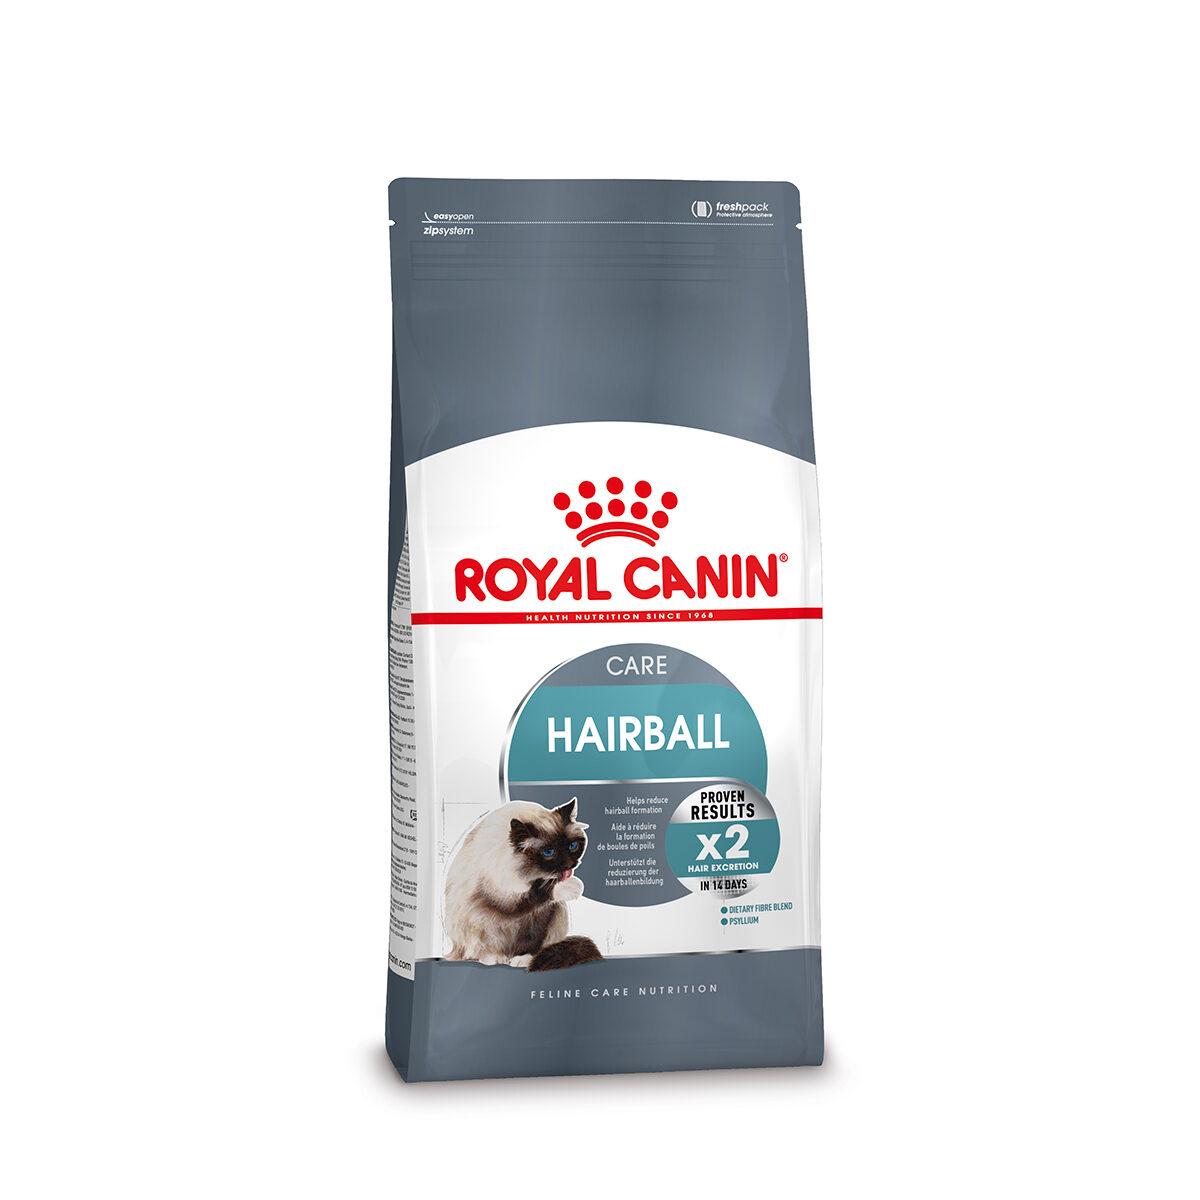 Royal Canin Hairball Care Kattenvoer 4 kg